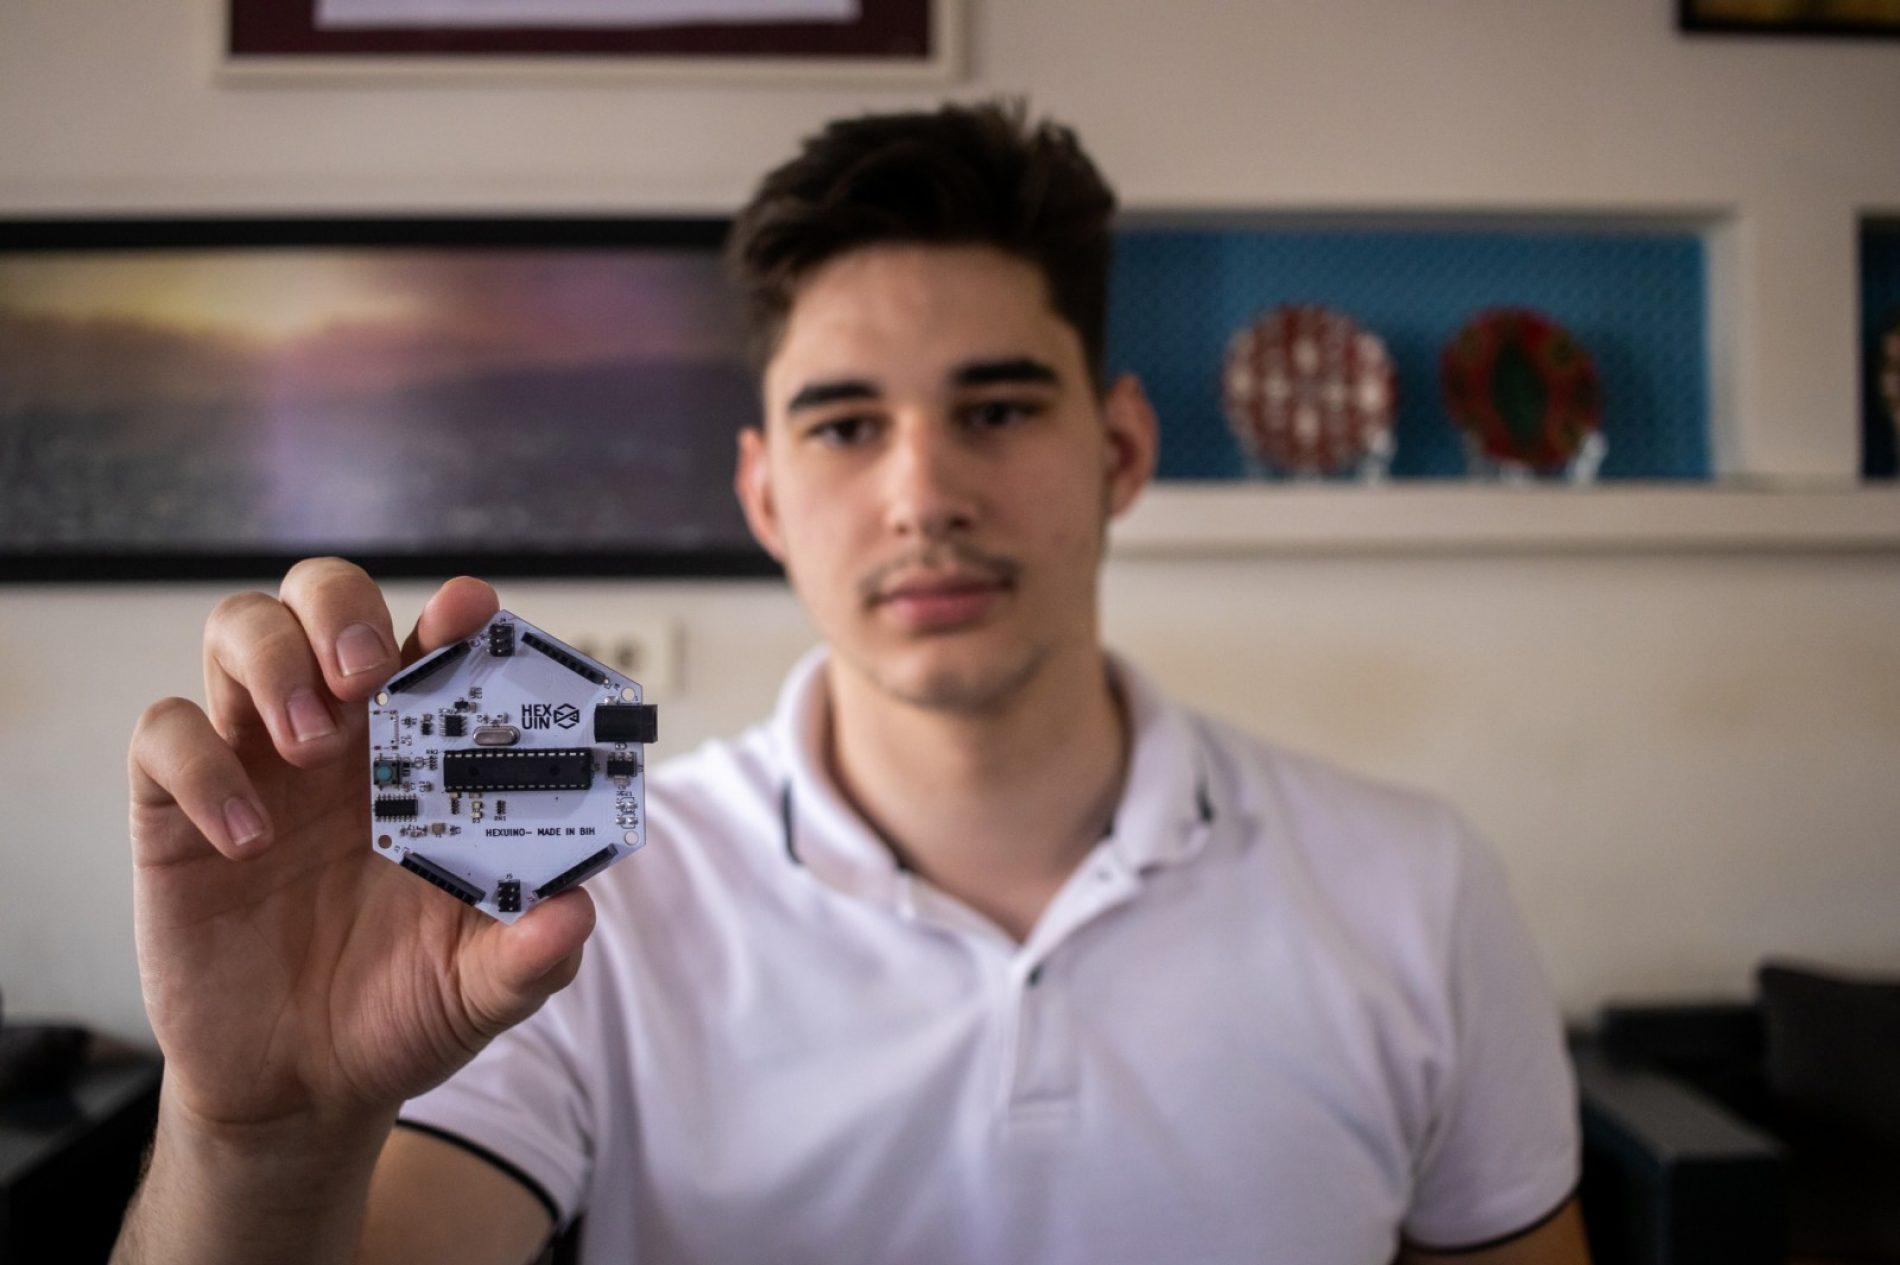 Harun Osmanović izradio prvi bosanski mikrokontroler, uskoro i platforma za hardverski inženjering